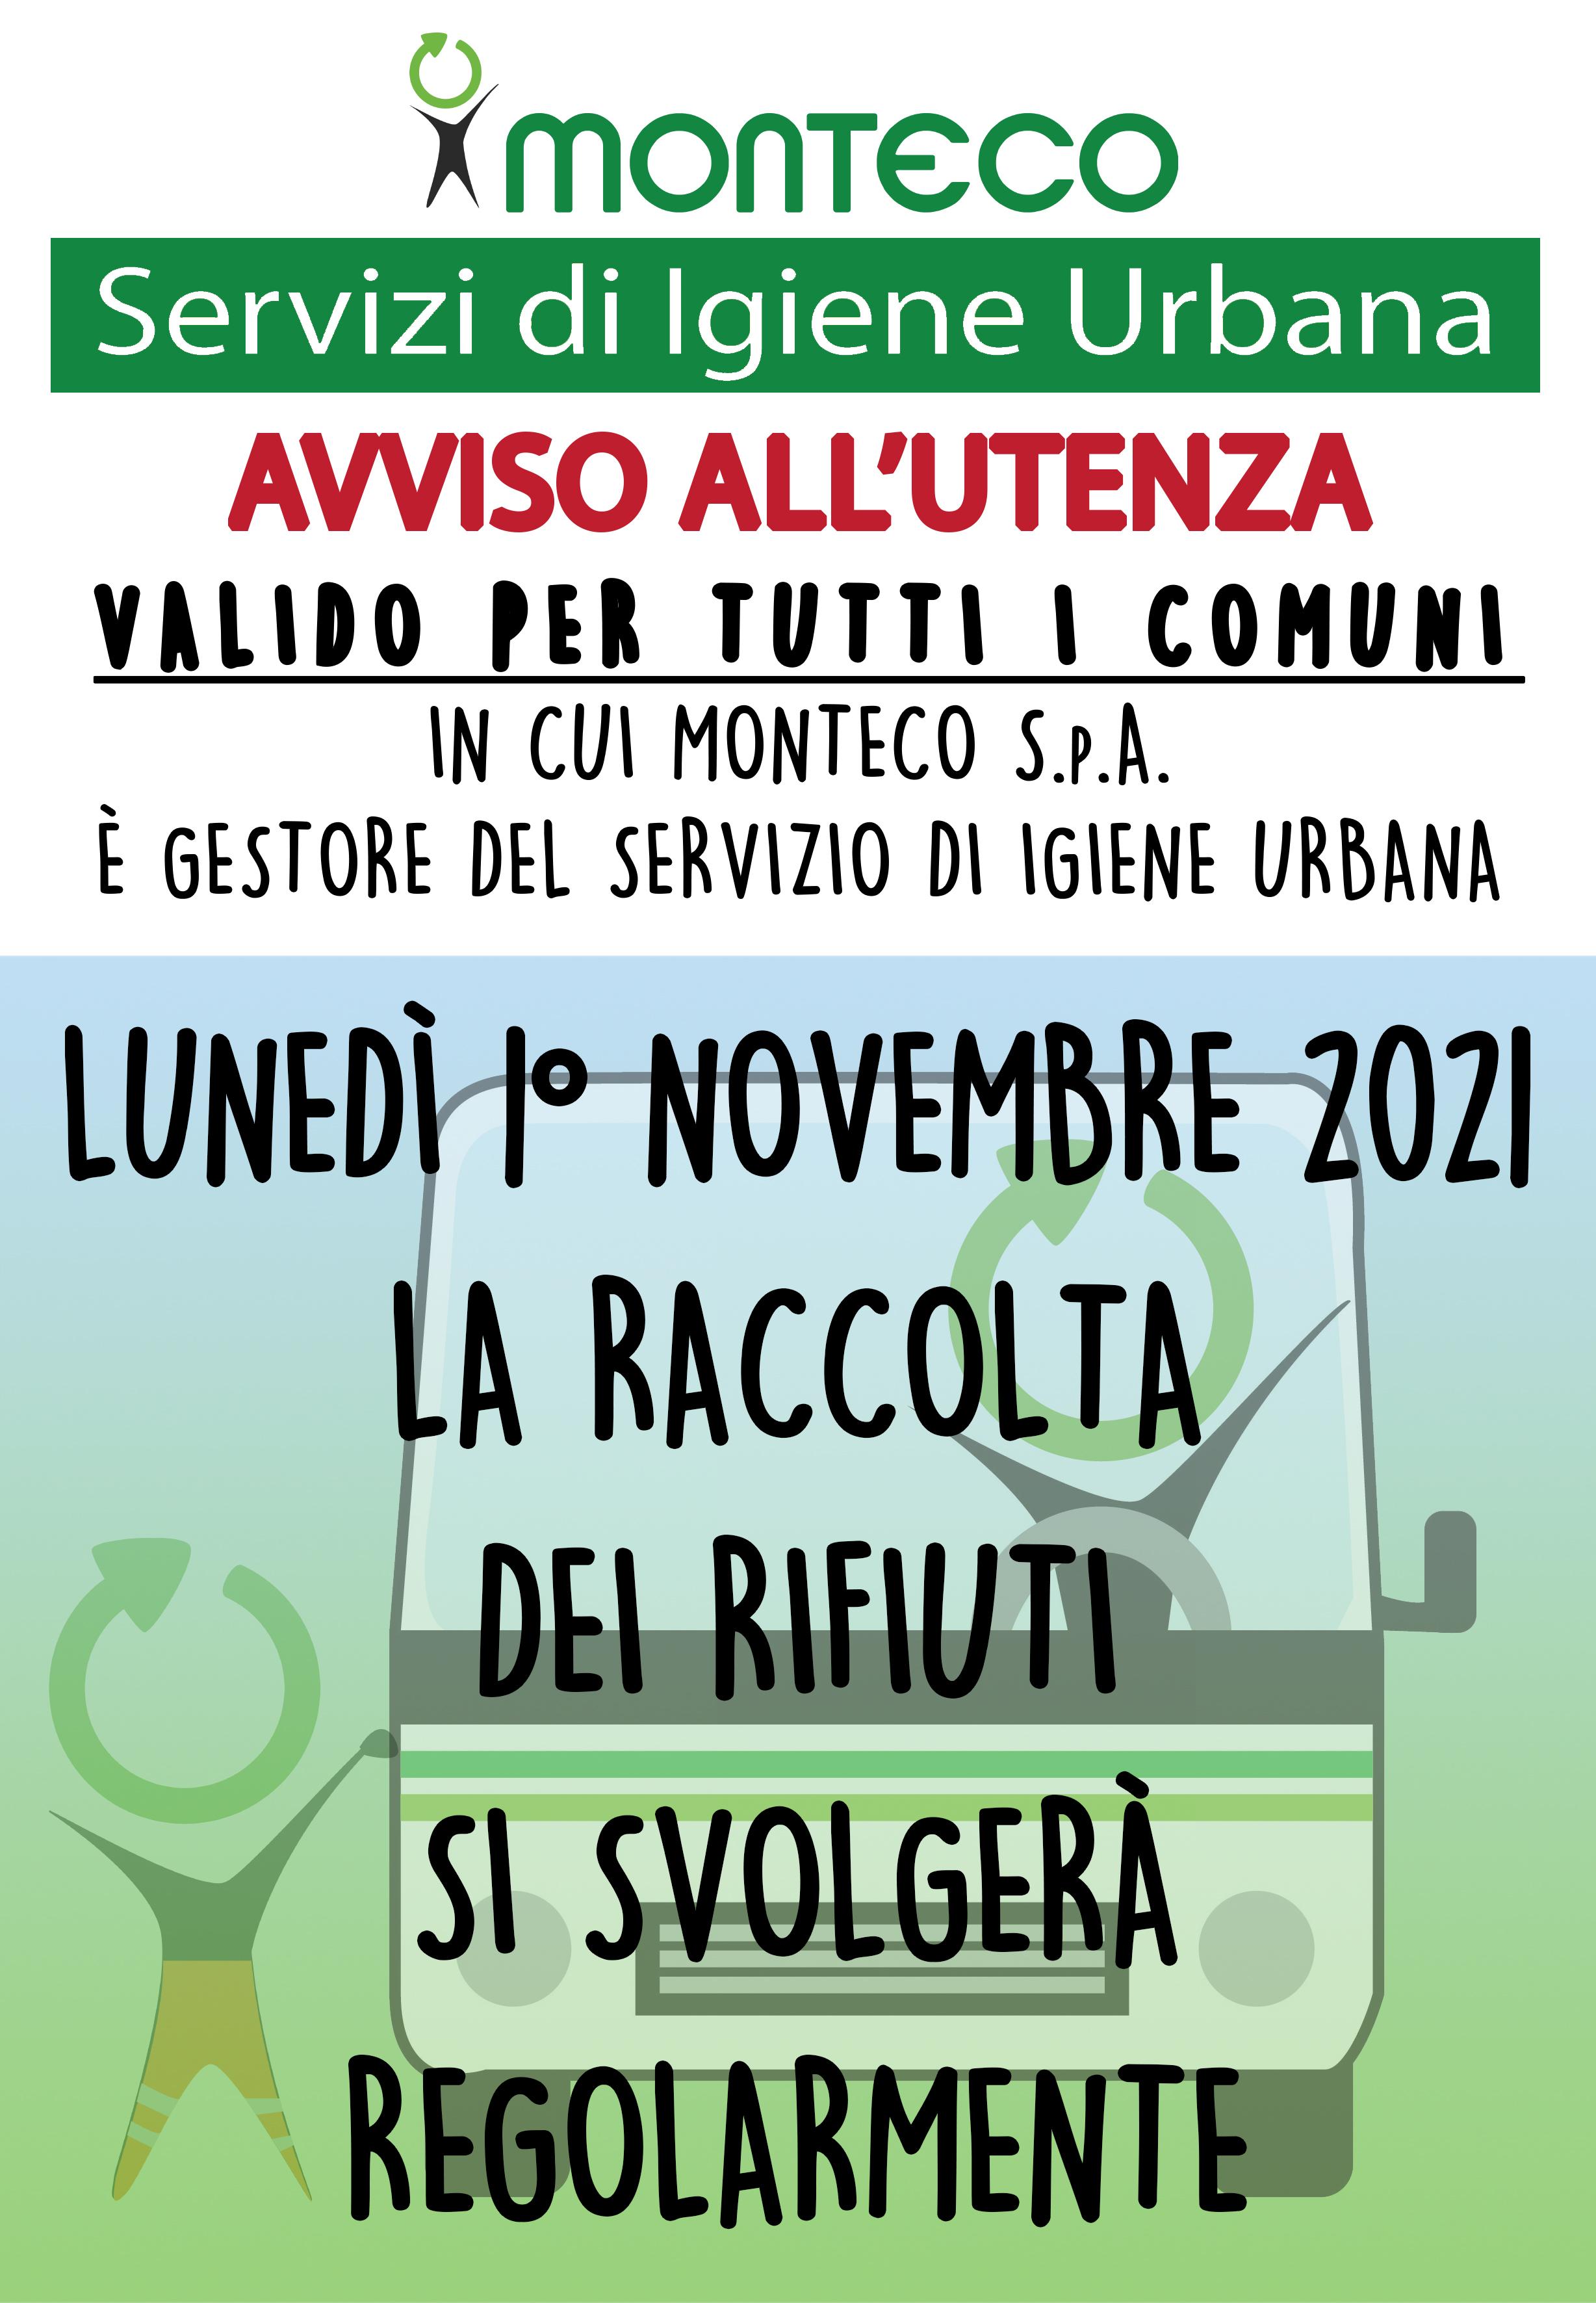 Monteco informa: 1° Novembre 2021 raccolta regolare